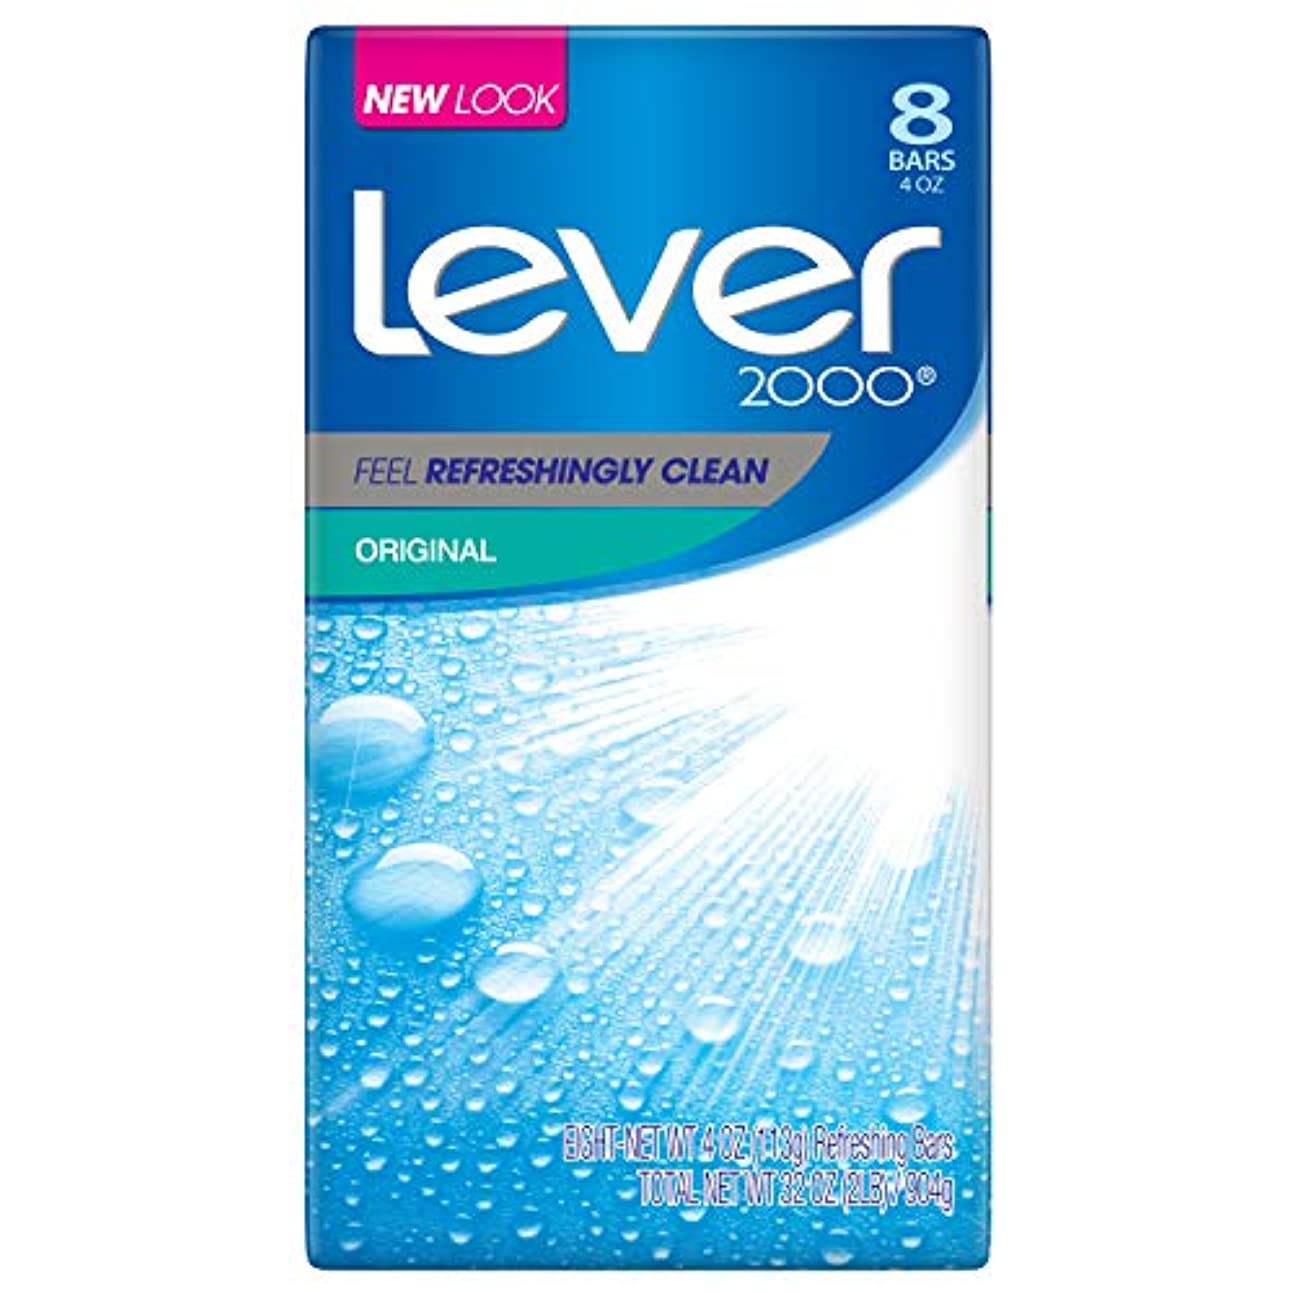 降臨鉱石警告Lever 2000 石鹸、オリジナル4オズ、8バー